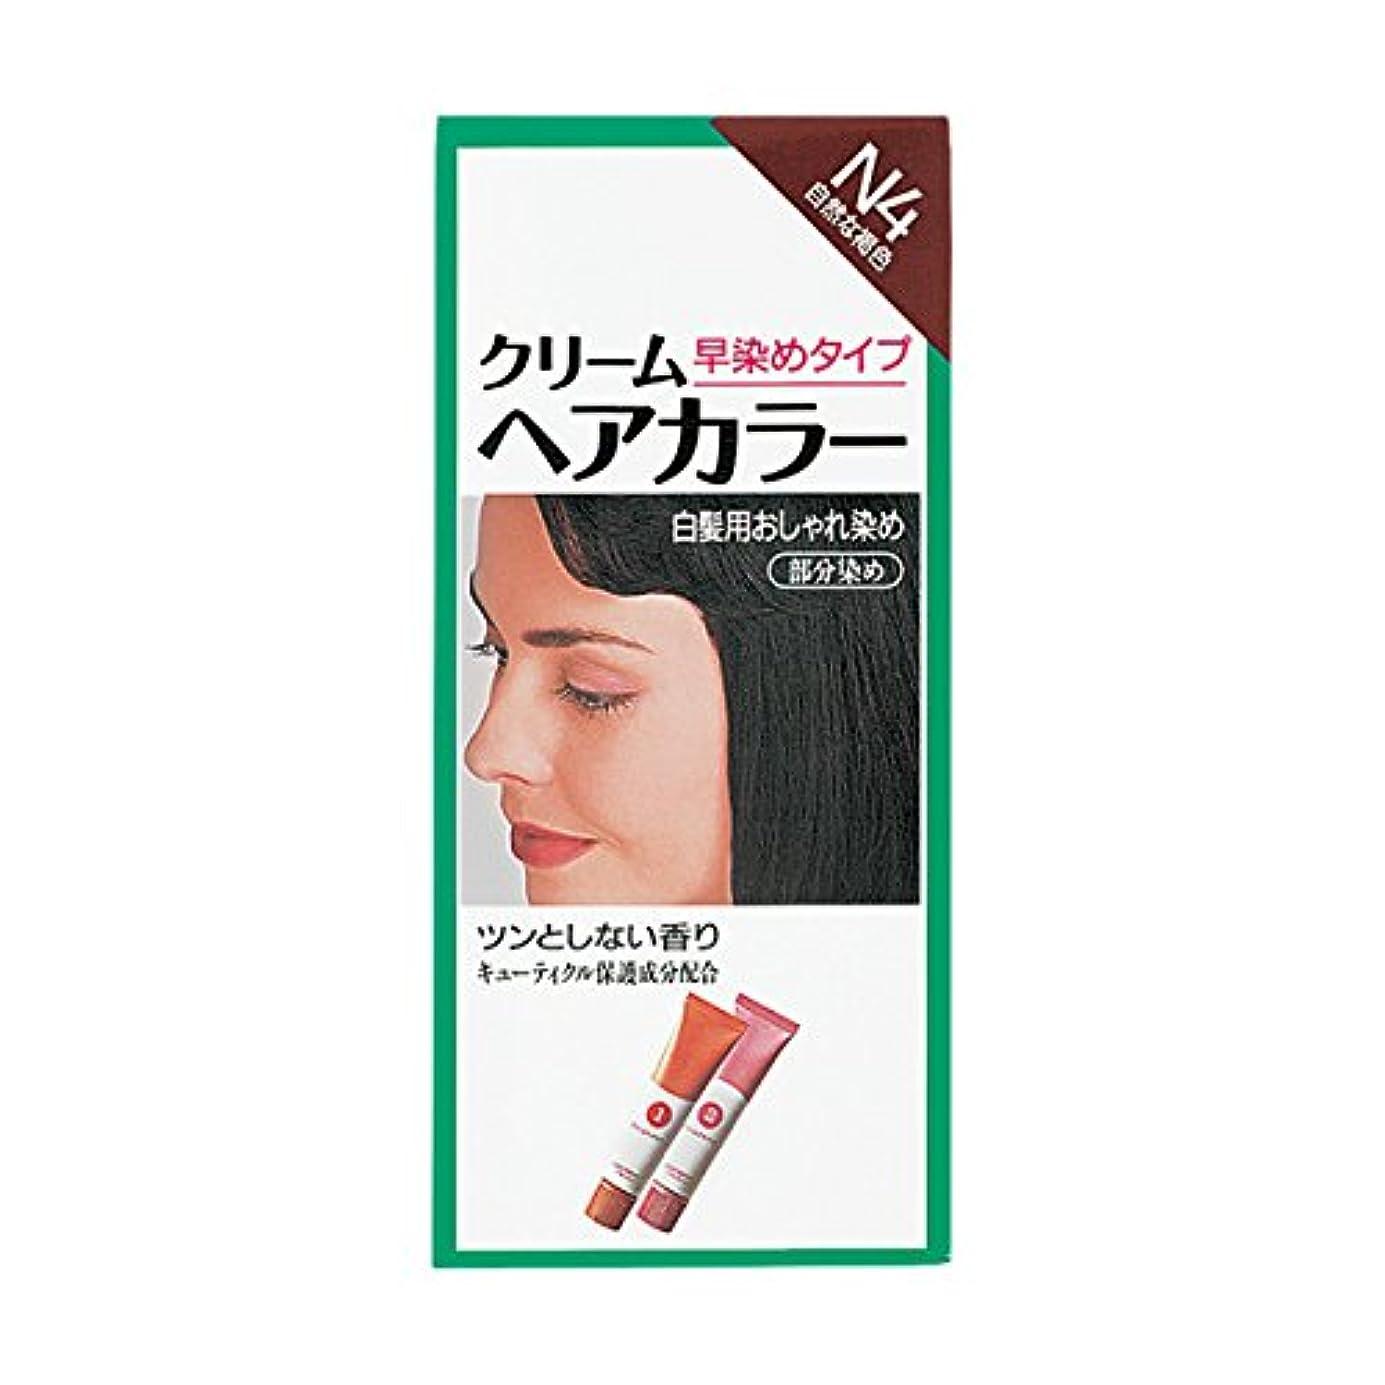 狂気解明する根絶するヘアカラー クリームヘアカラーN N4 【医薬部外品】